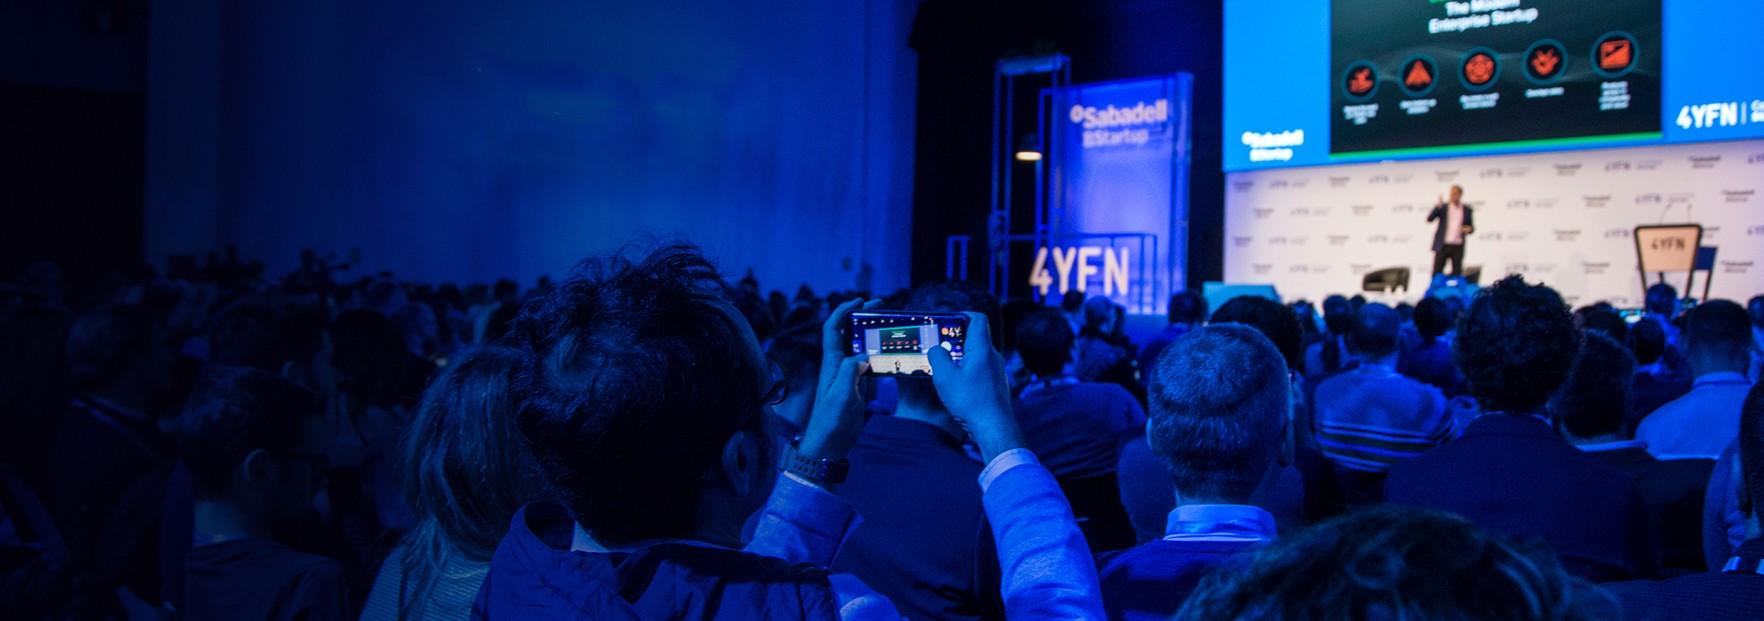 la plataforma d'innovació que discorre en paral·lel al Mobile World Congress